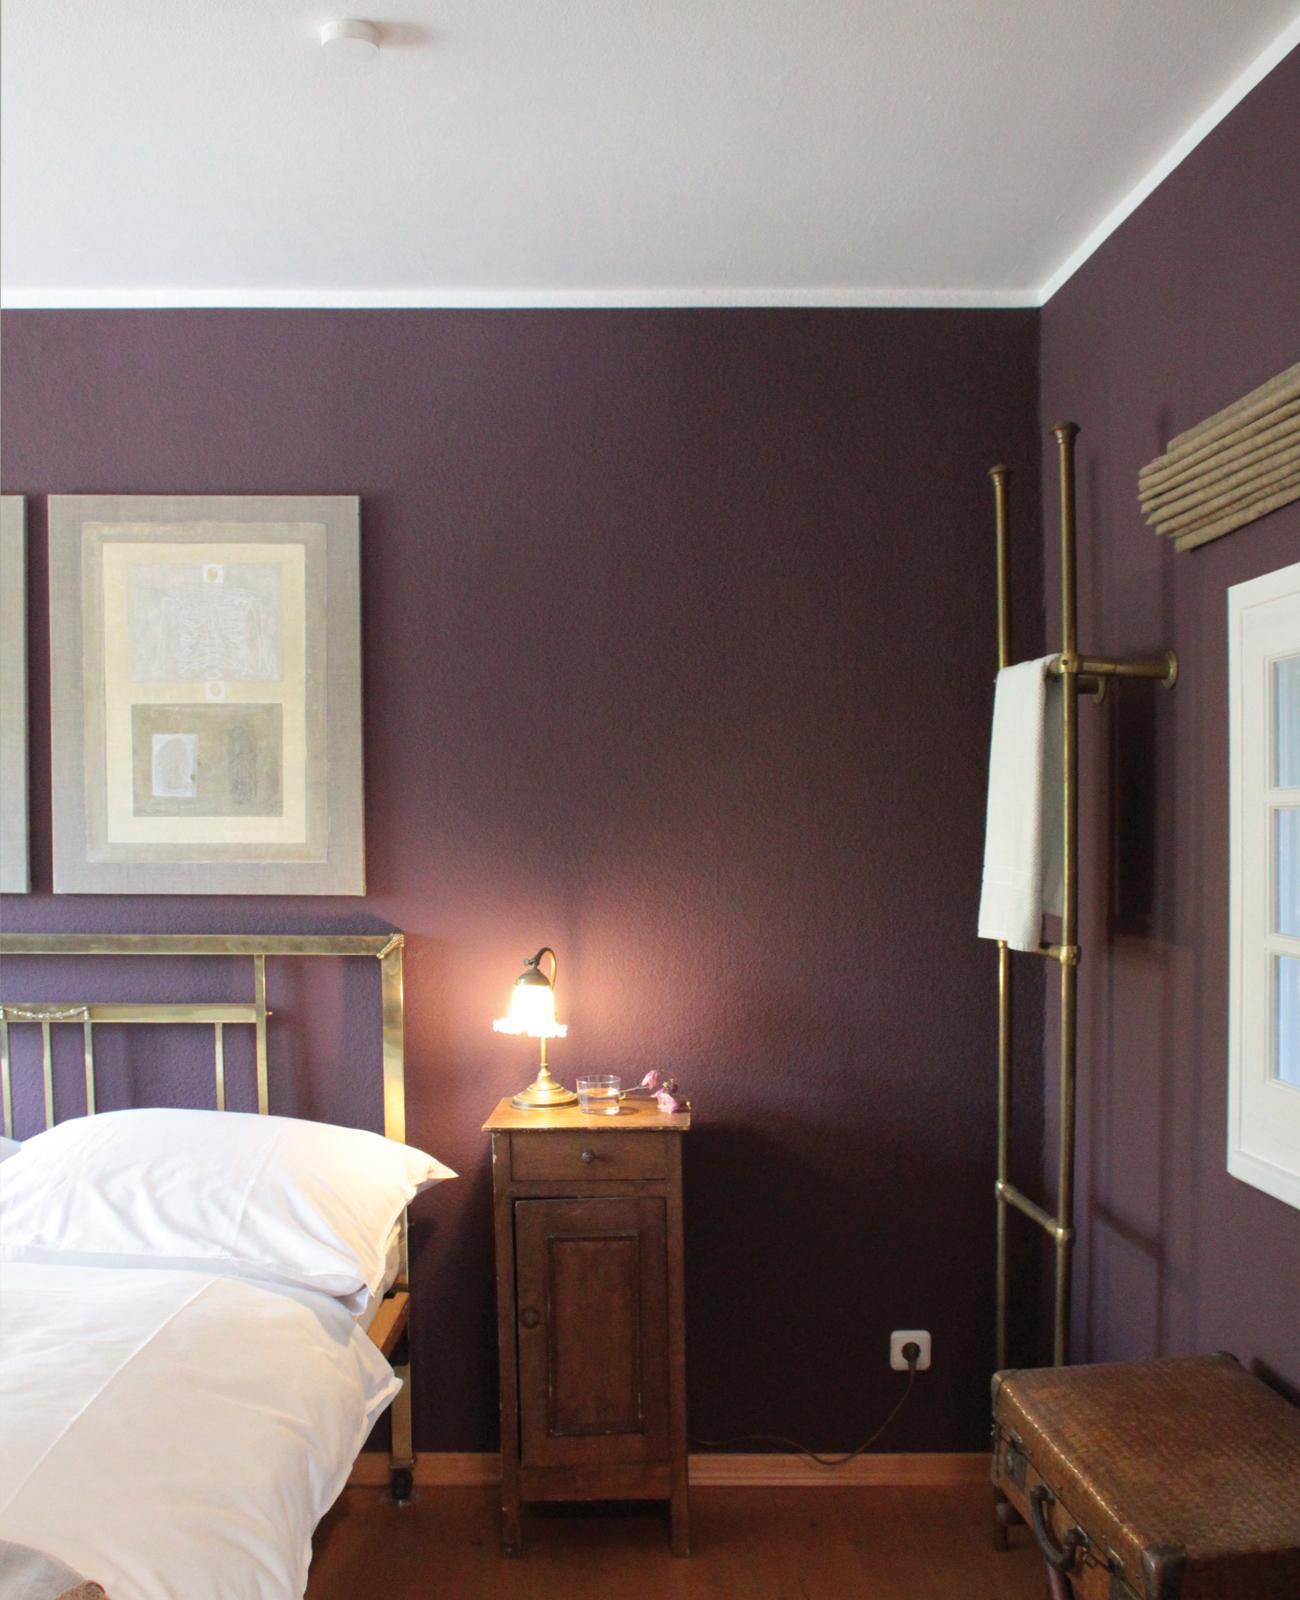 kreidefarbe-Wolkenweiß-112-schlafzimmer-02-zementfliesen-terrazzofliesen-viaplatten | Kreidefarbe Wolkenweiß 2500 ml